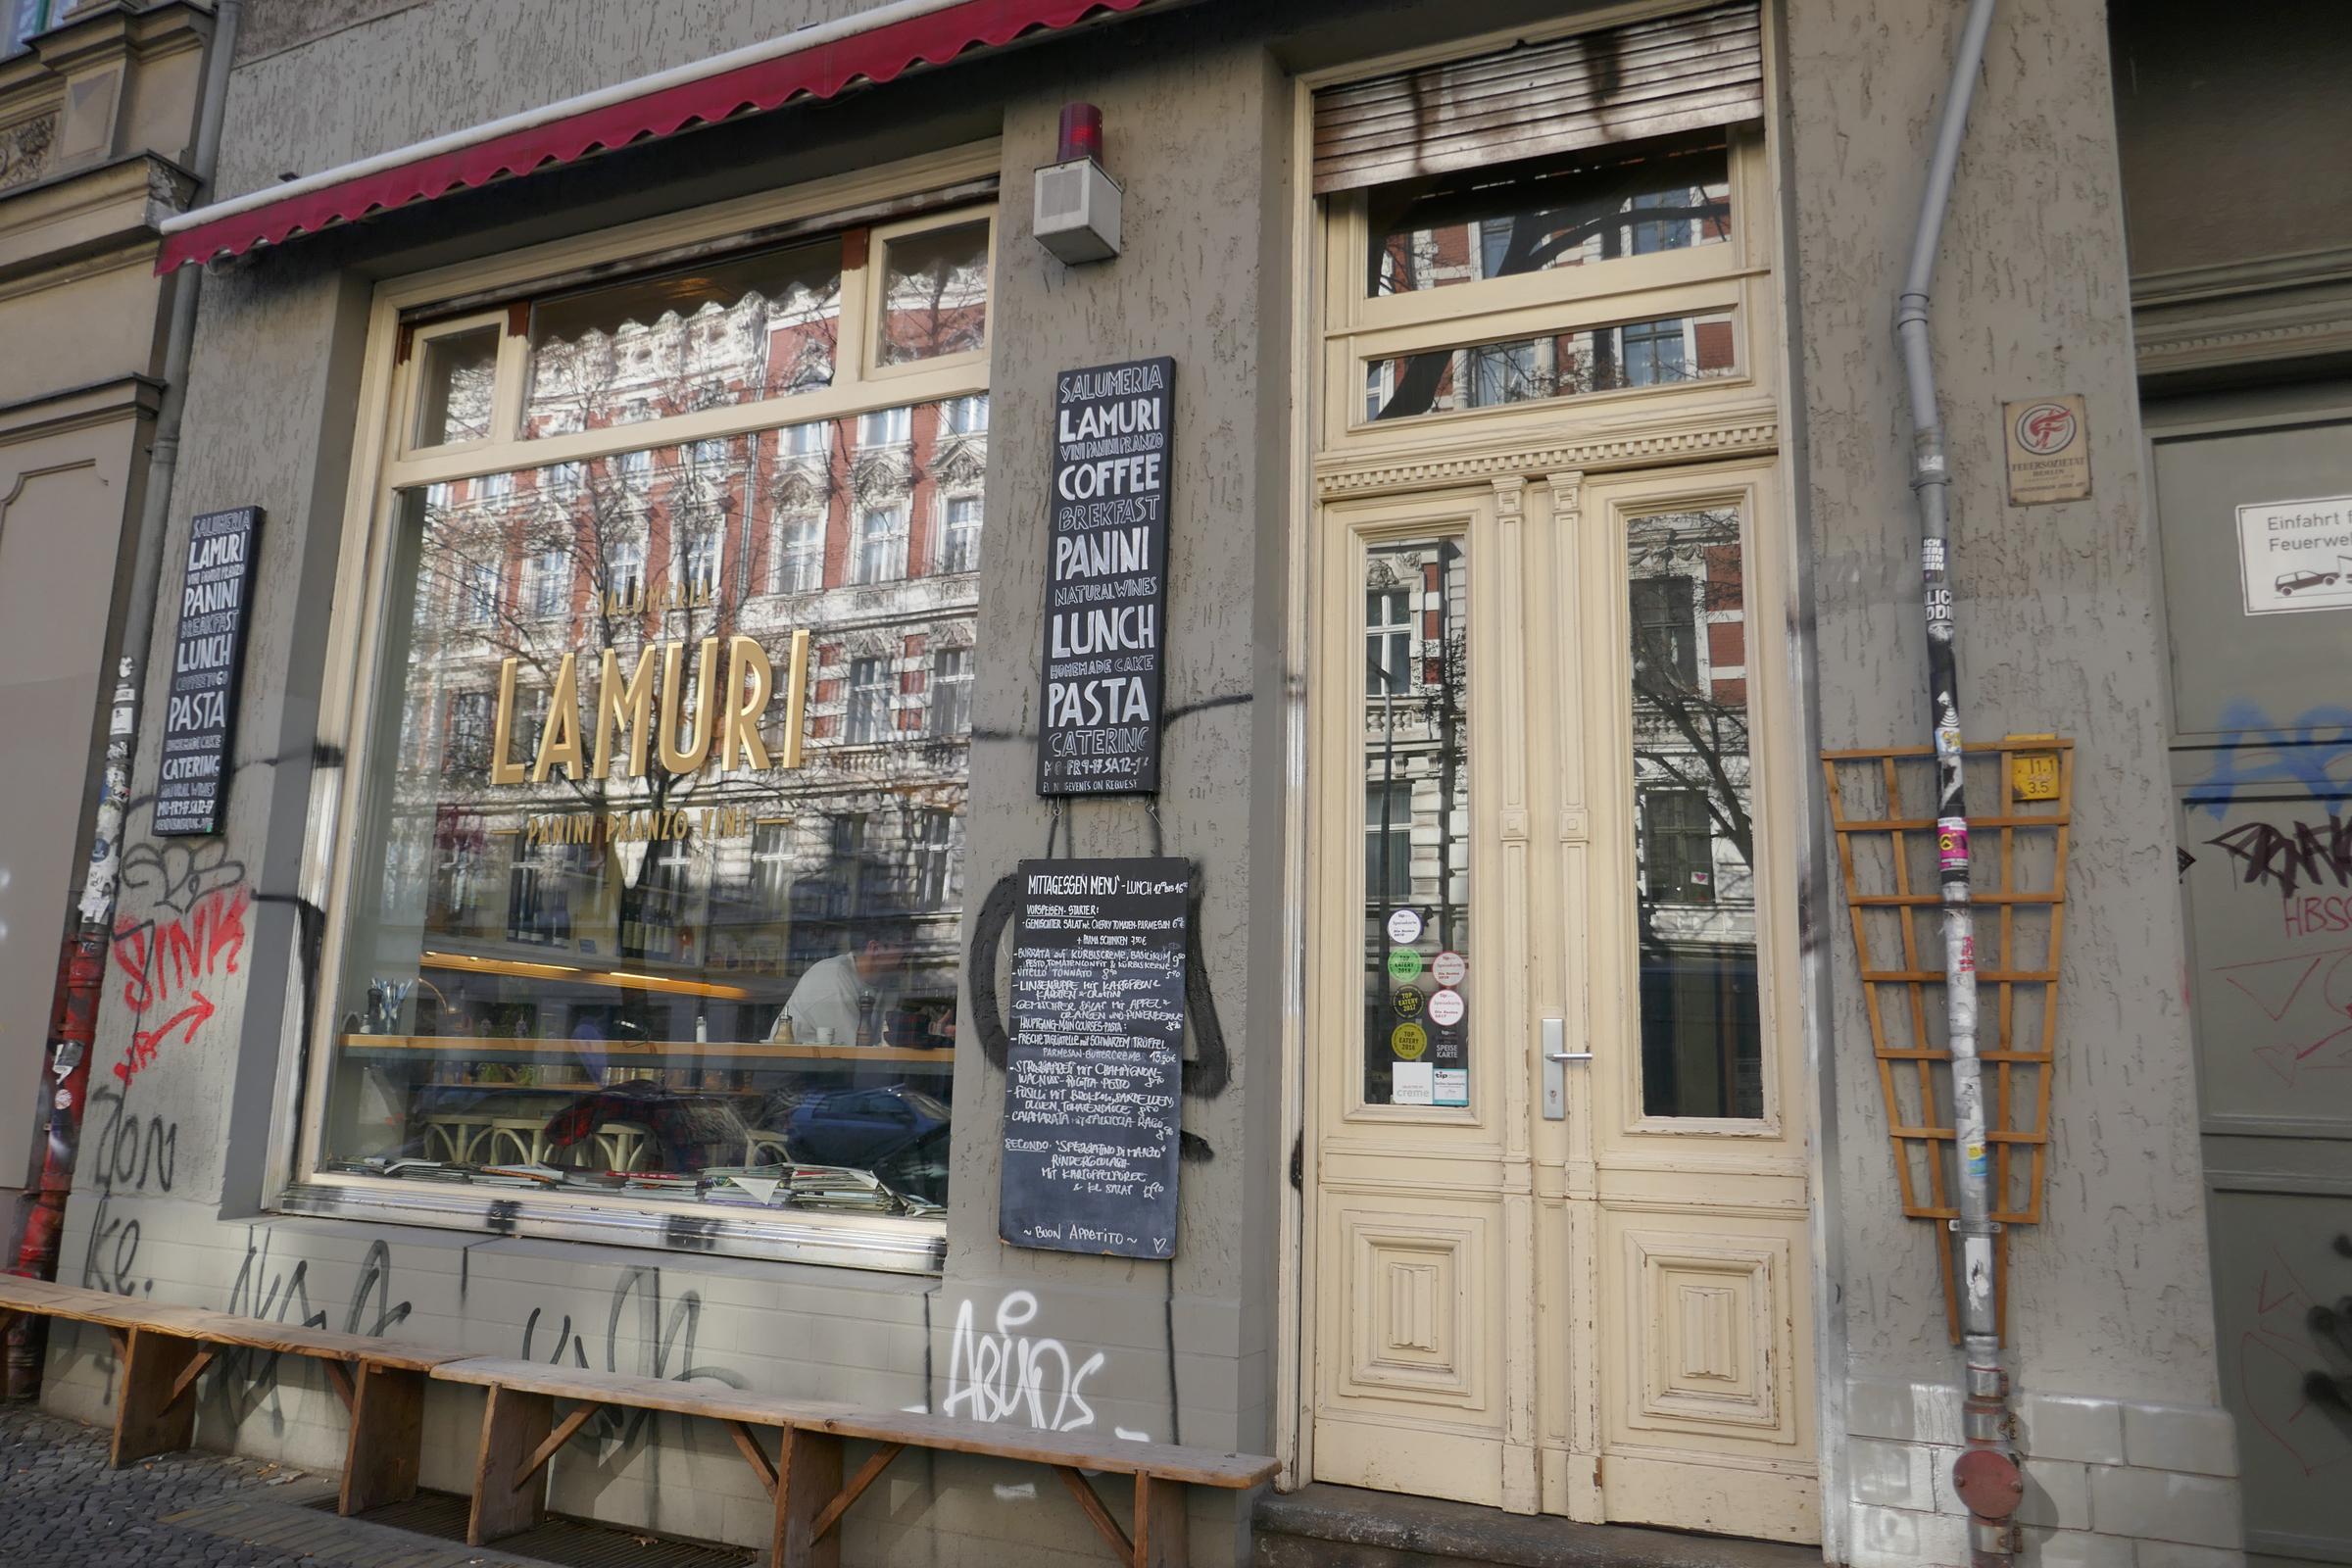 Feinkostladen und Restaurant: Salumeria Lamuri. Foto: Ulrich Horb